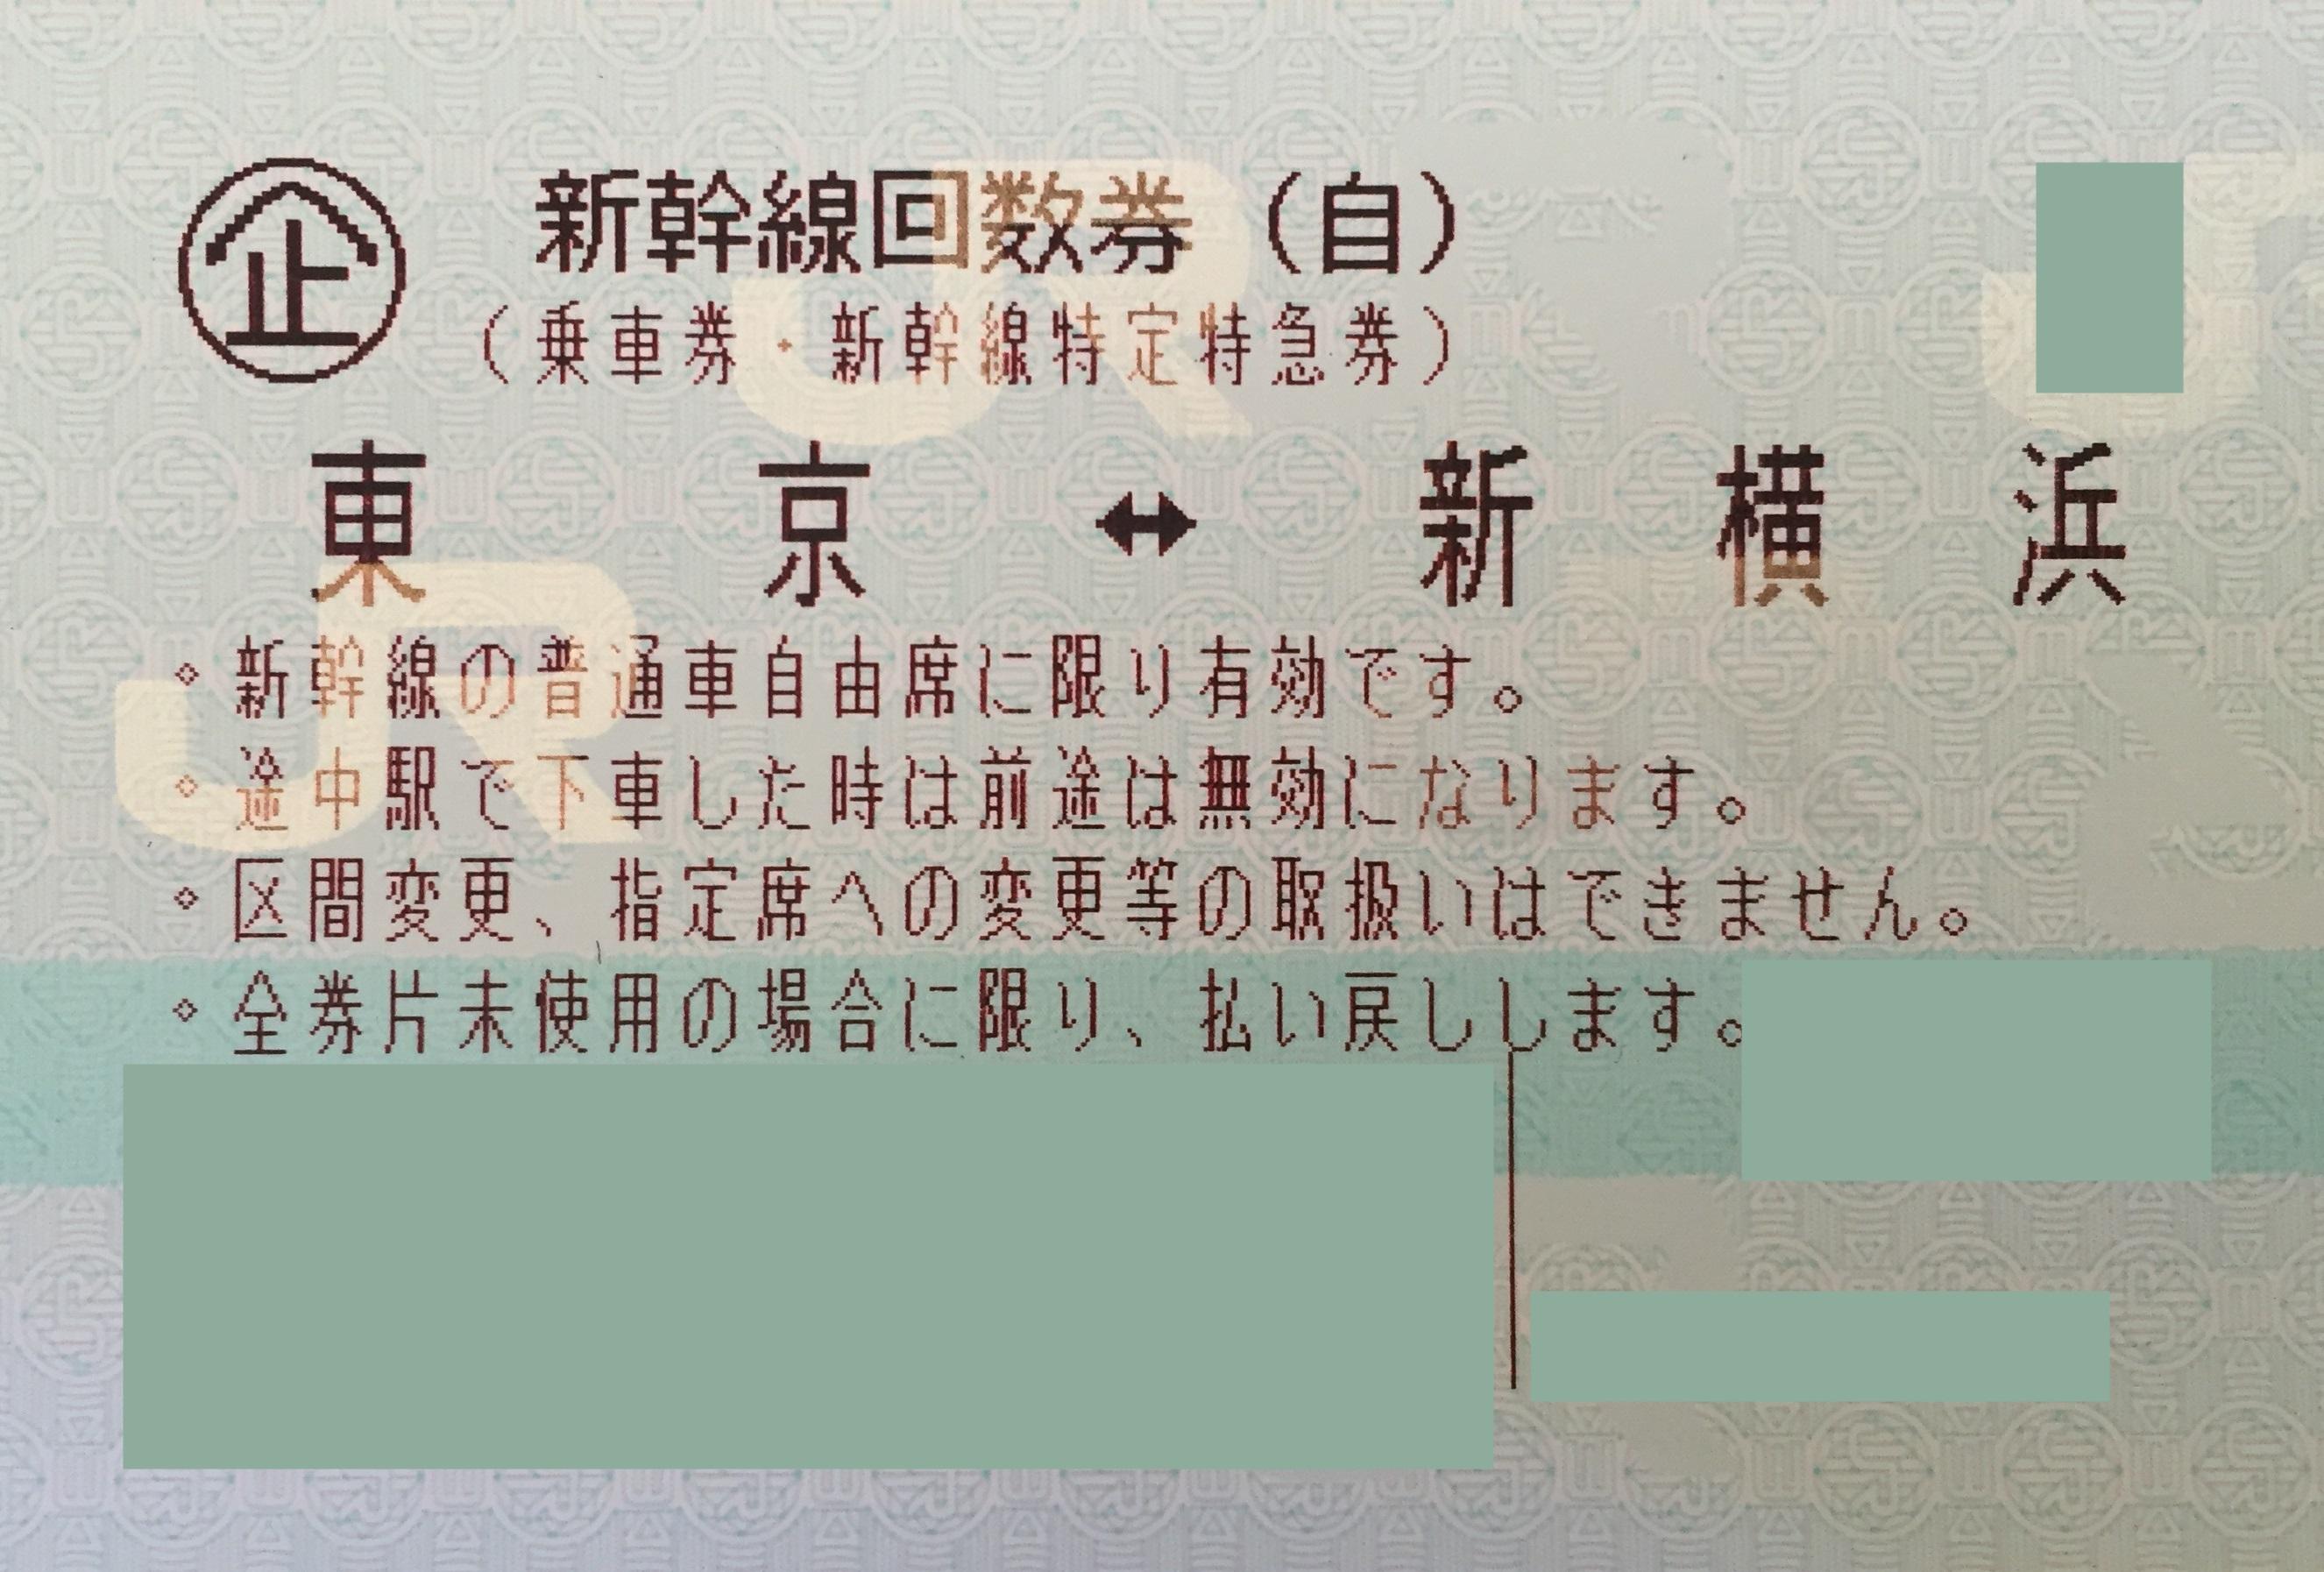 ビジネスホテル+新幹線パック・新幹線出張パック …